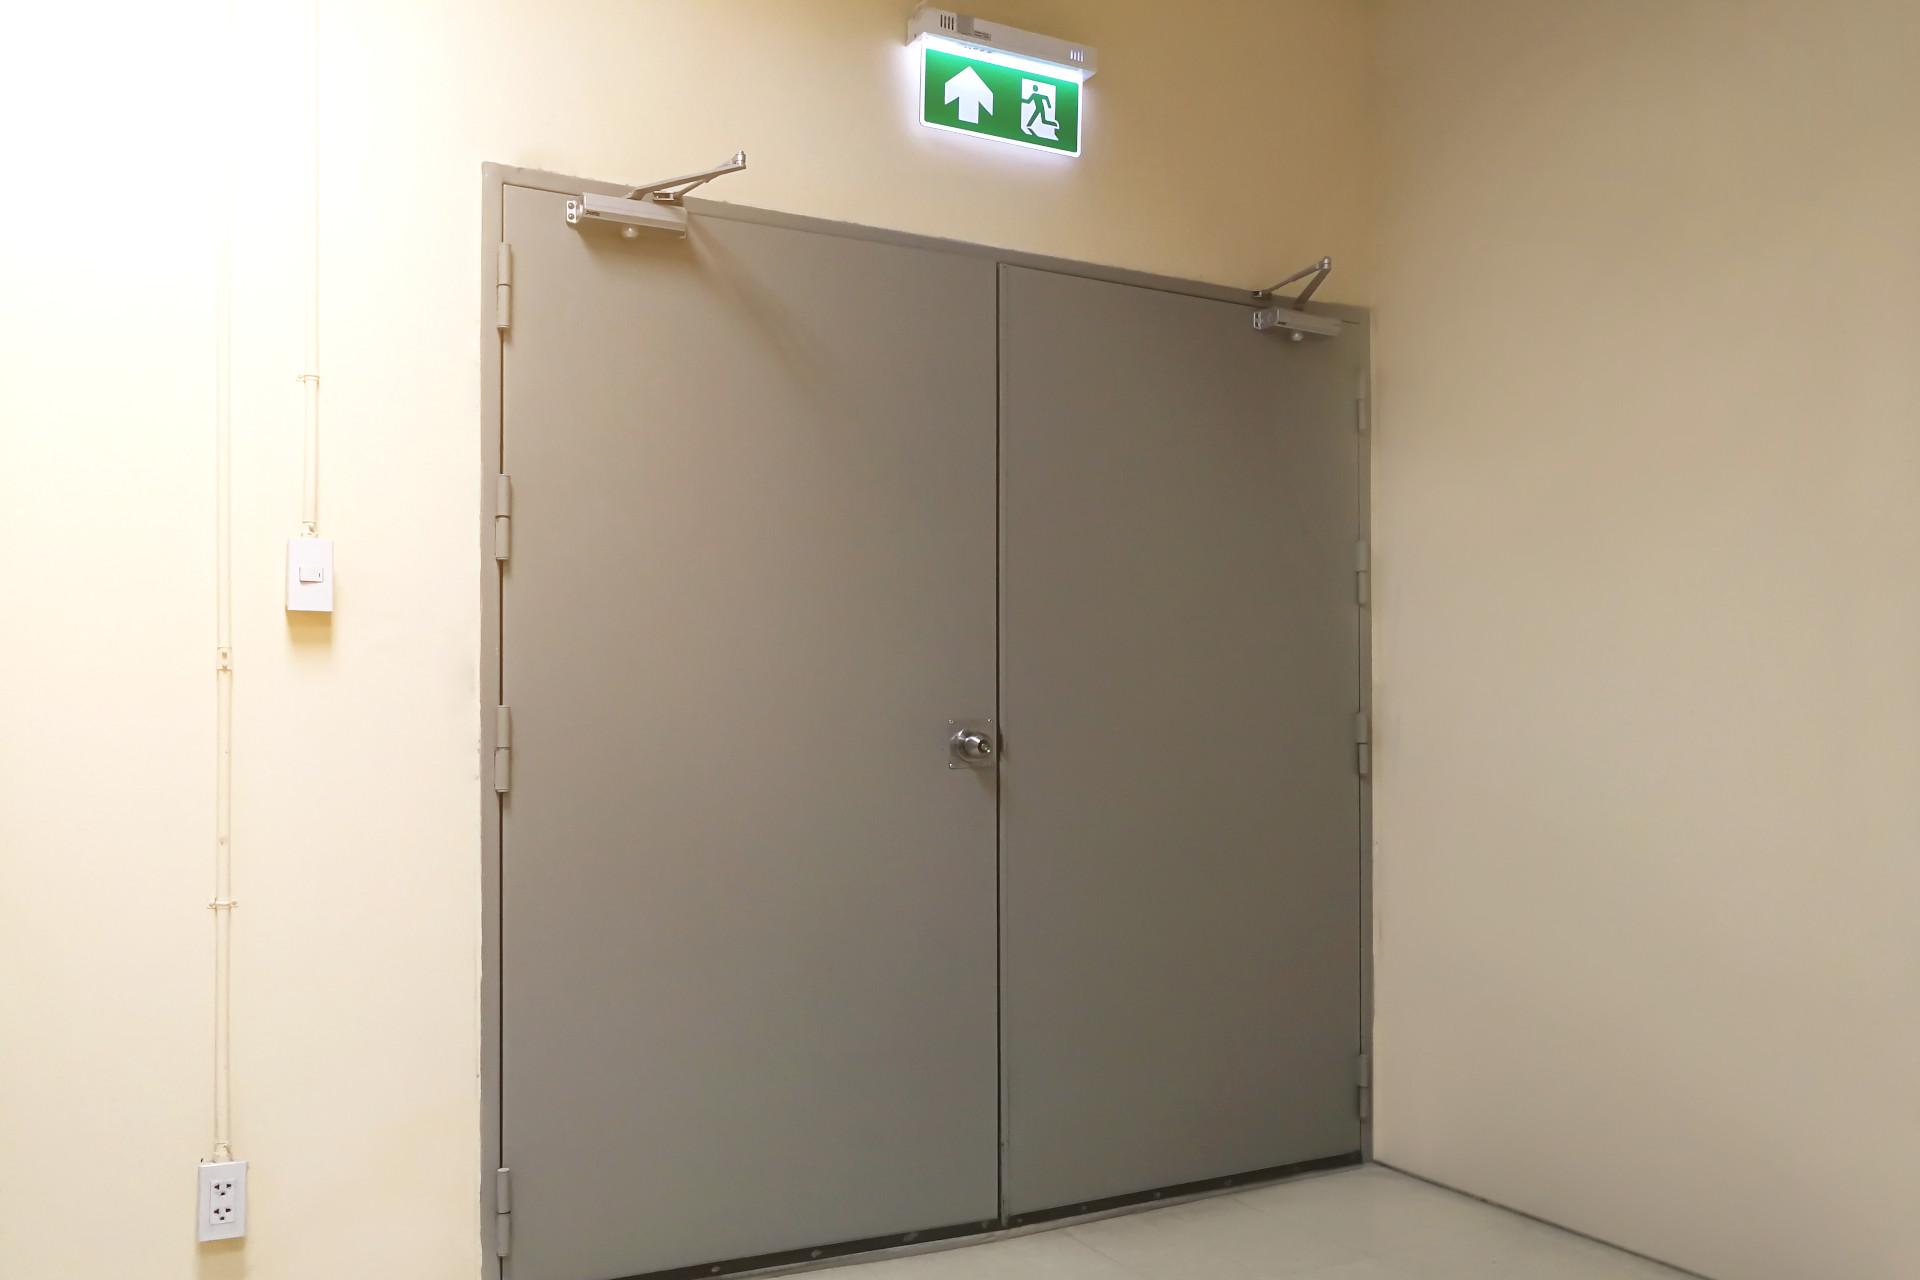 Brandschutztüre Sicherheitsschlosser.at